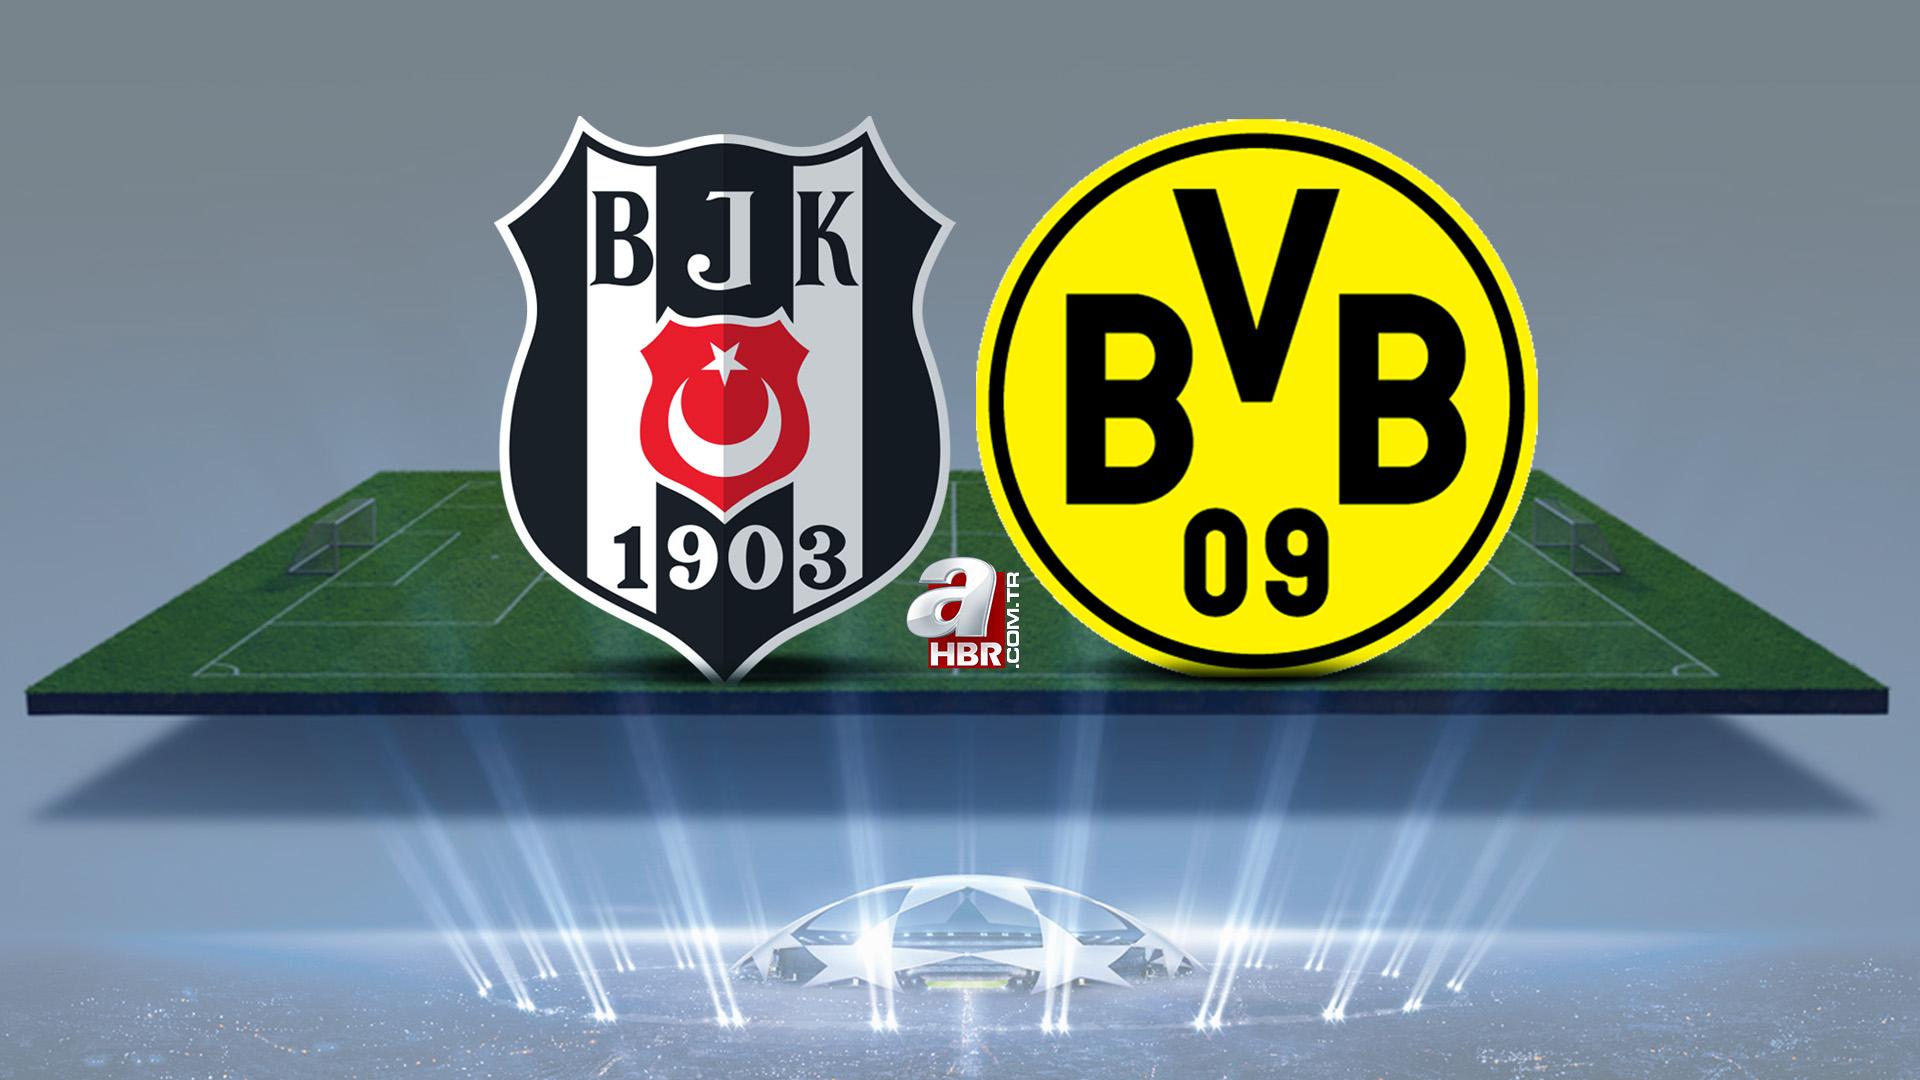 Beşiktaş Borussia Dortmund maçı ne zaman, saat kaçta? 2021 BJK Dortmund maçı hangi kanalda, şifreli mi?